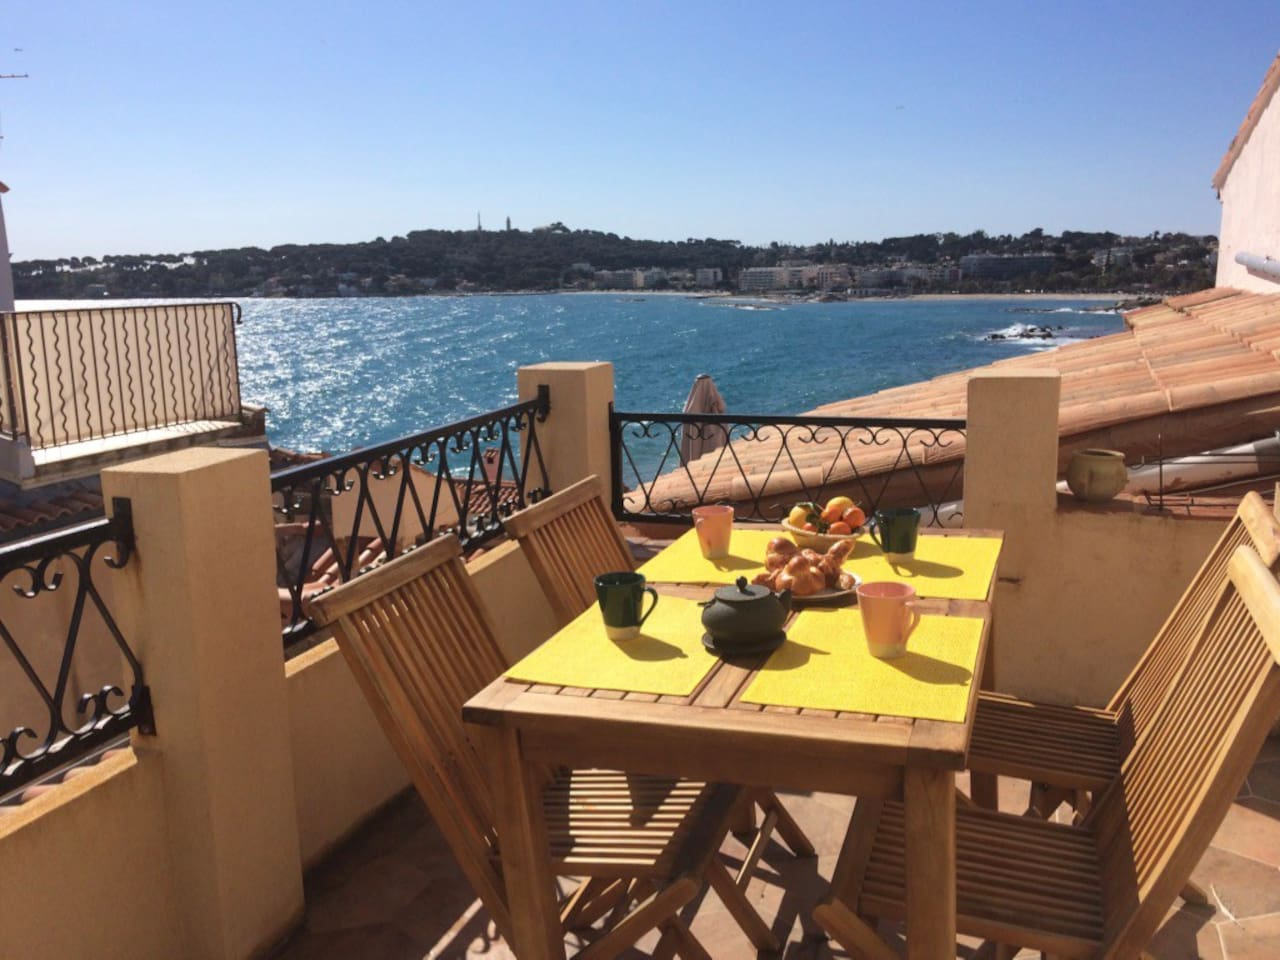 Petit déjeuner au soleil face à la baie de la Salis